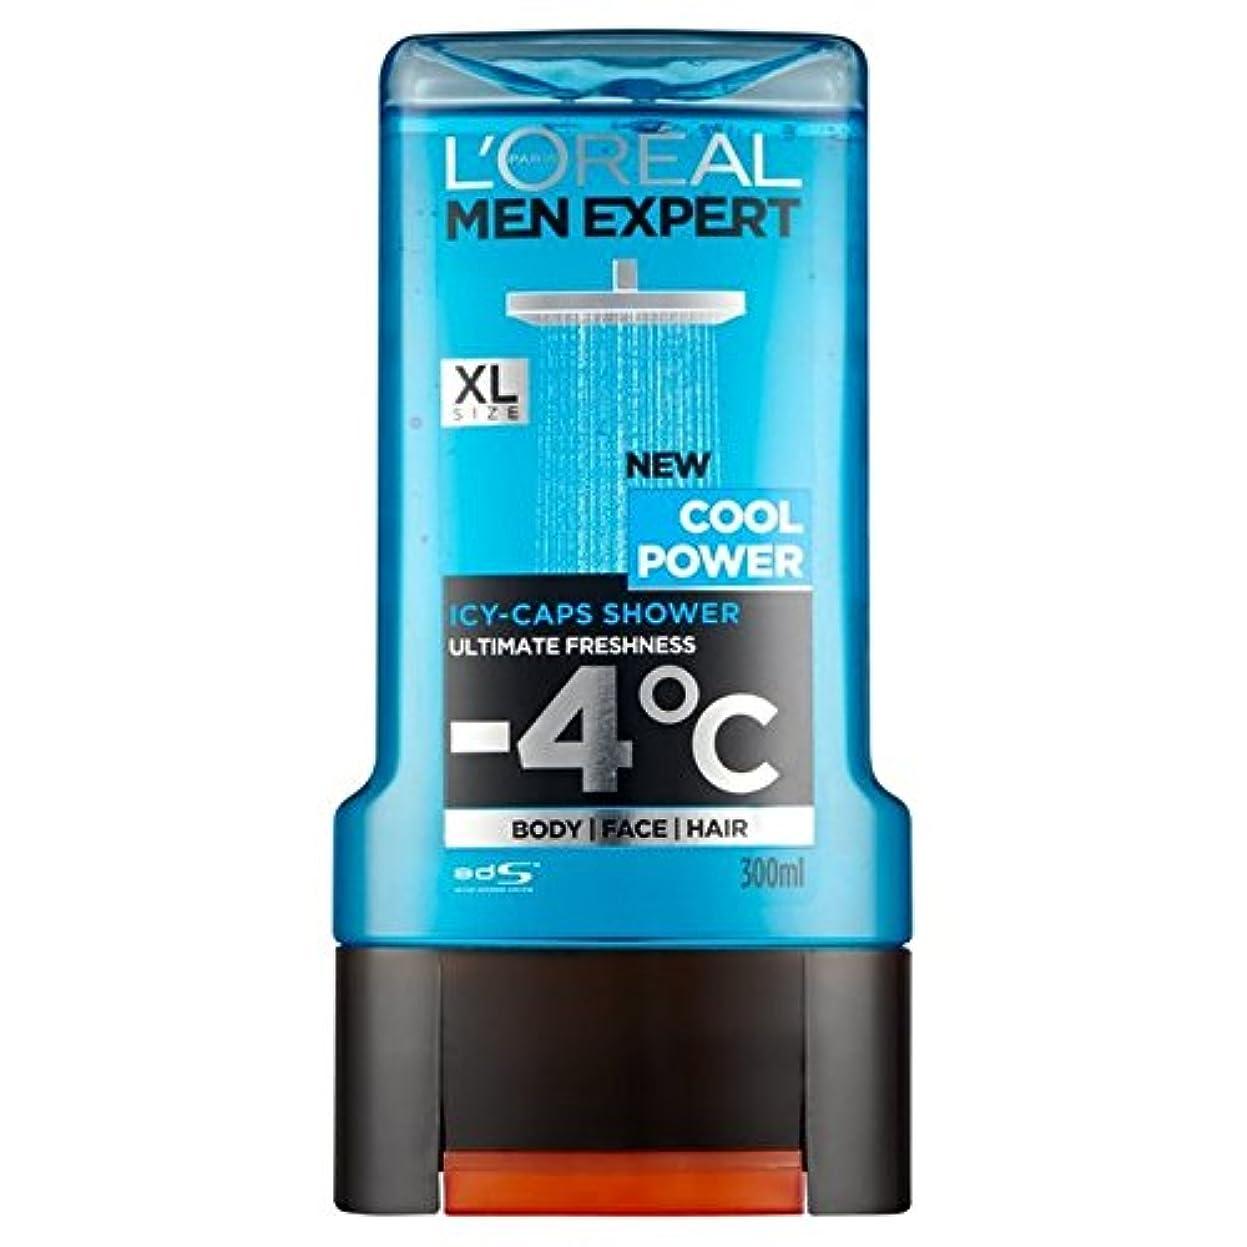 ダニ凍る既にロレアルパリの男性の専門家のクールなパワーシャワージェル300ミリリットル x4 - L'Oreal Paris Men Expert Cool Power Shower Gel 300ml (Pack of 4) [並行輸入品]